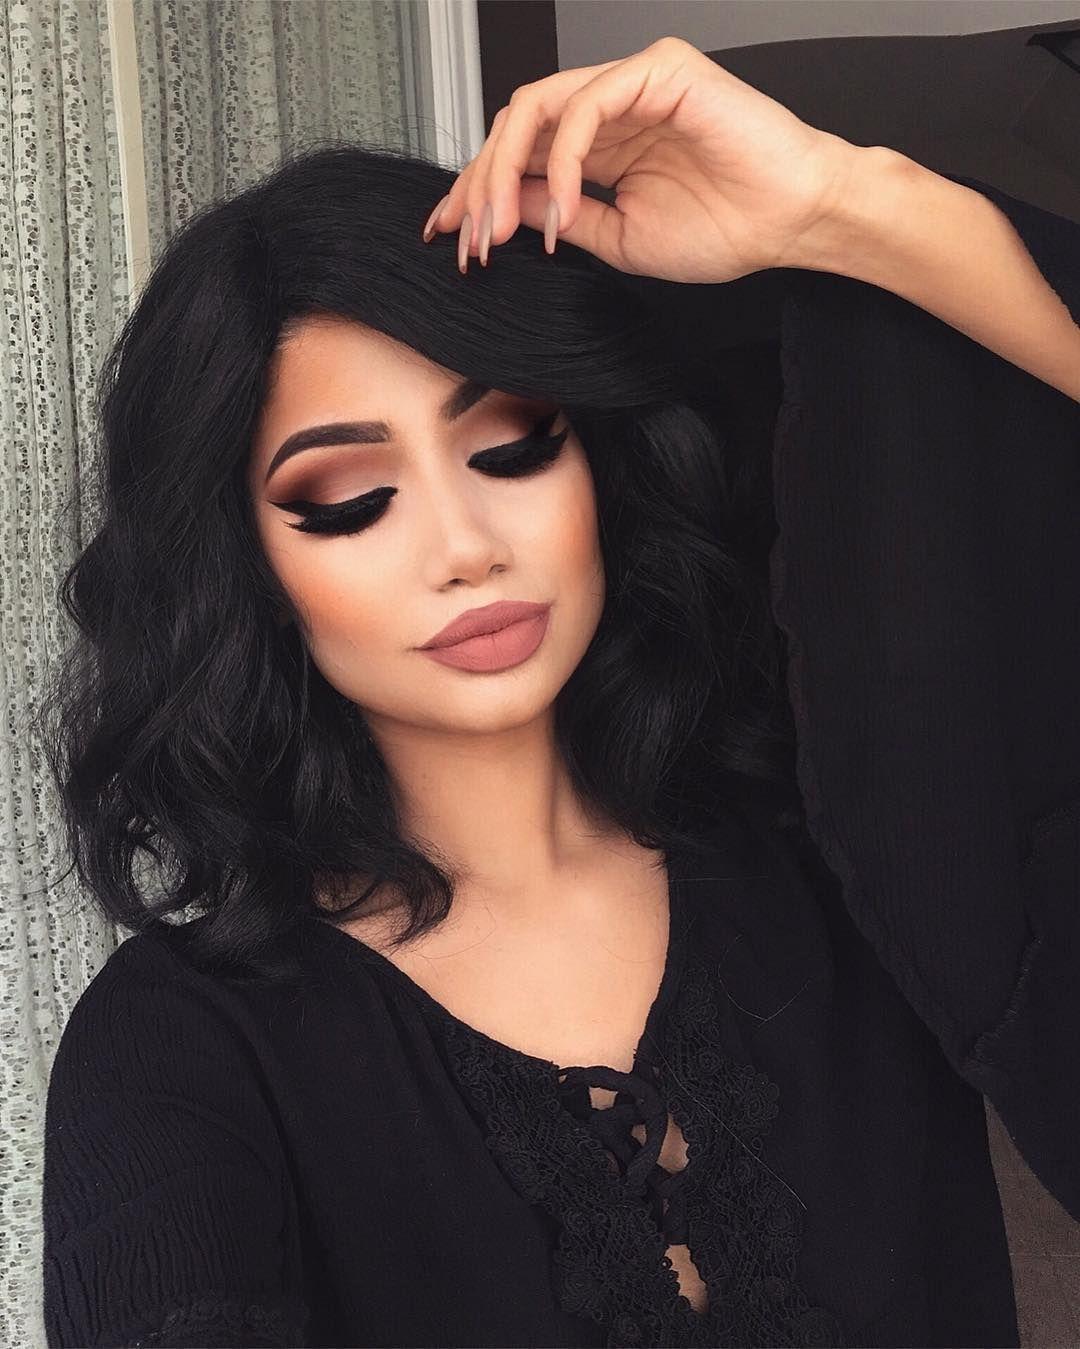 pin by amyla ds on makeup*hair*nails | matte makeup, makeup